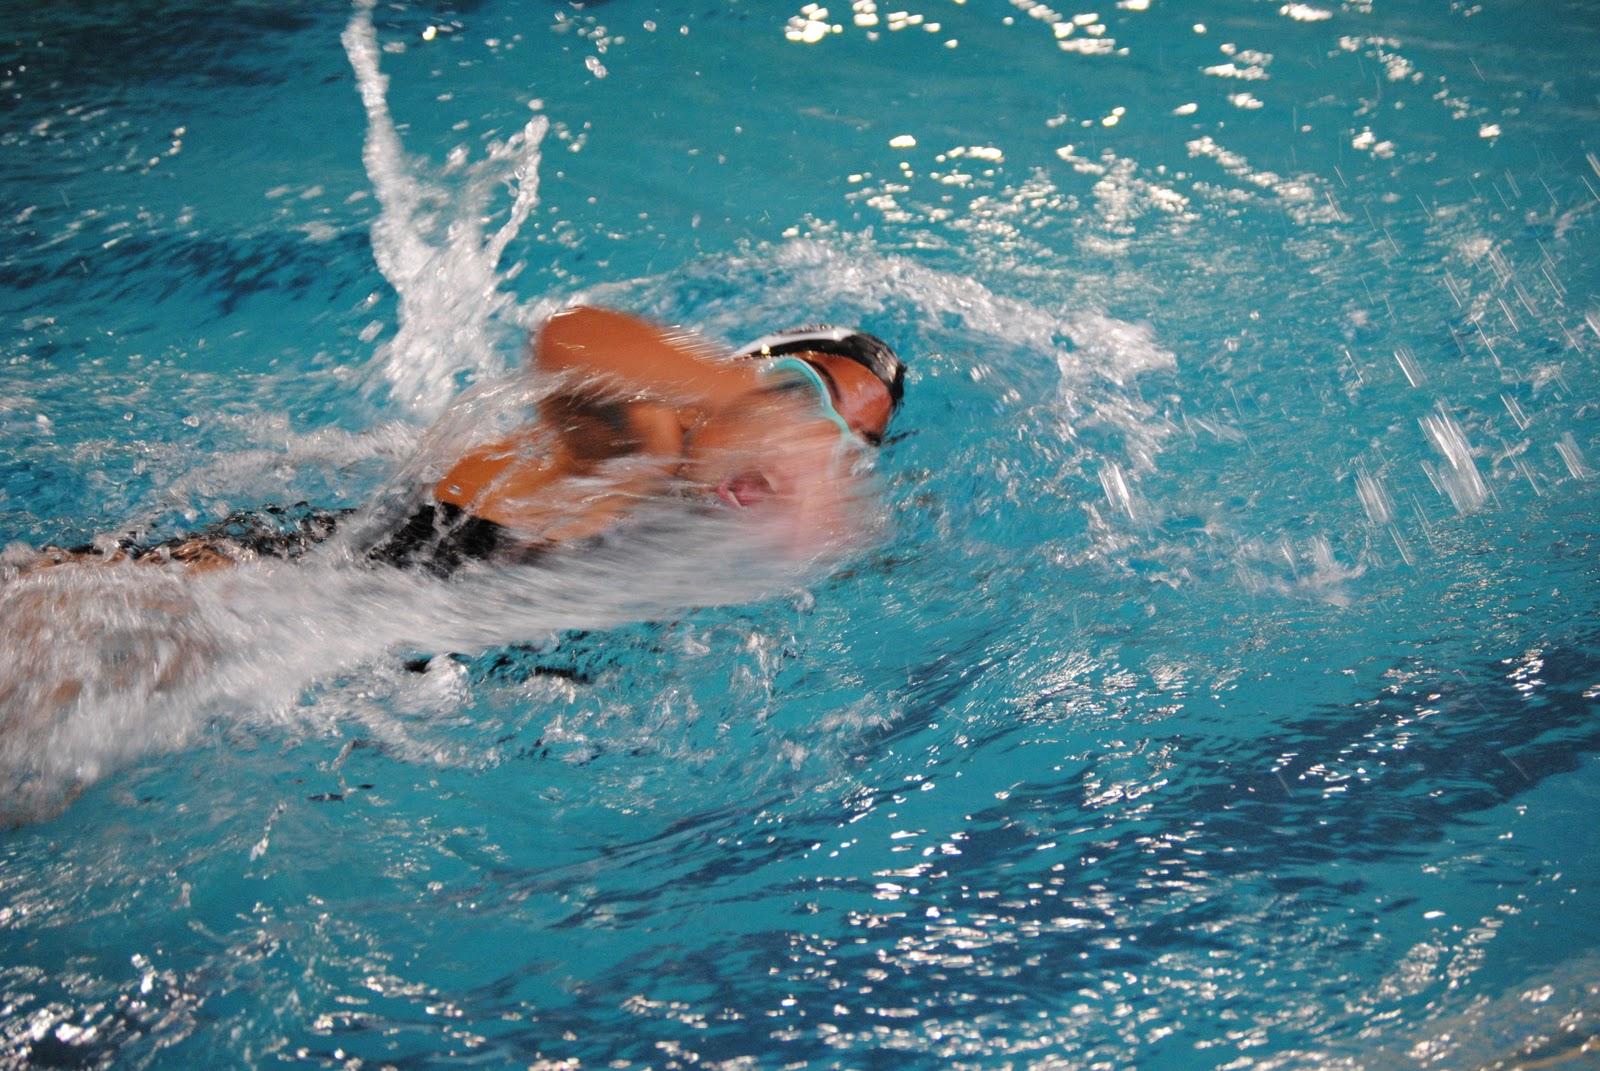 Club nataci n ciudad alta fotos de la iv jornada de for Piscina 29 de abril telefono